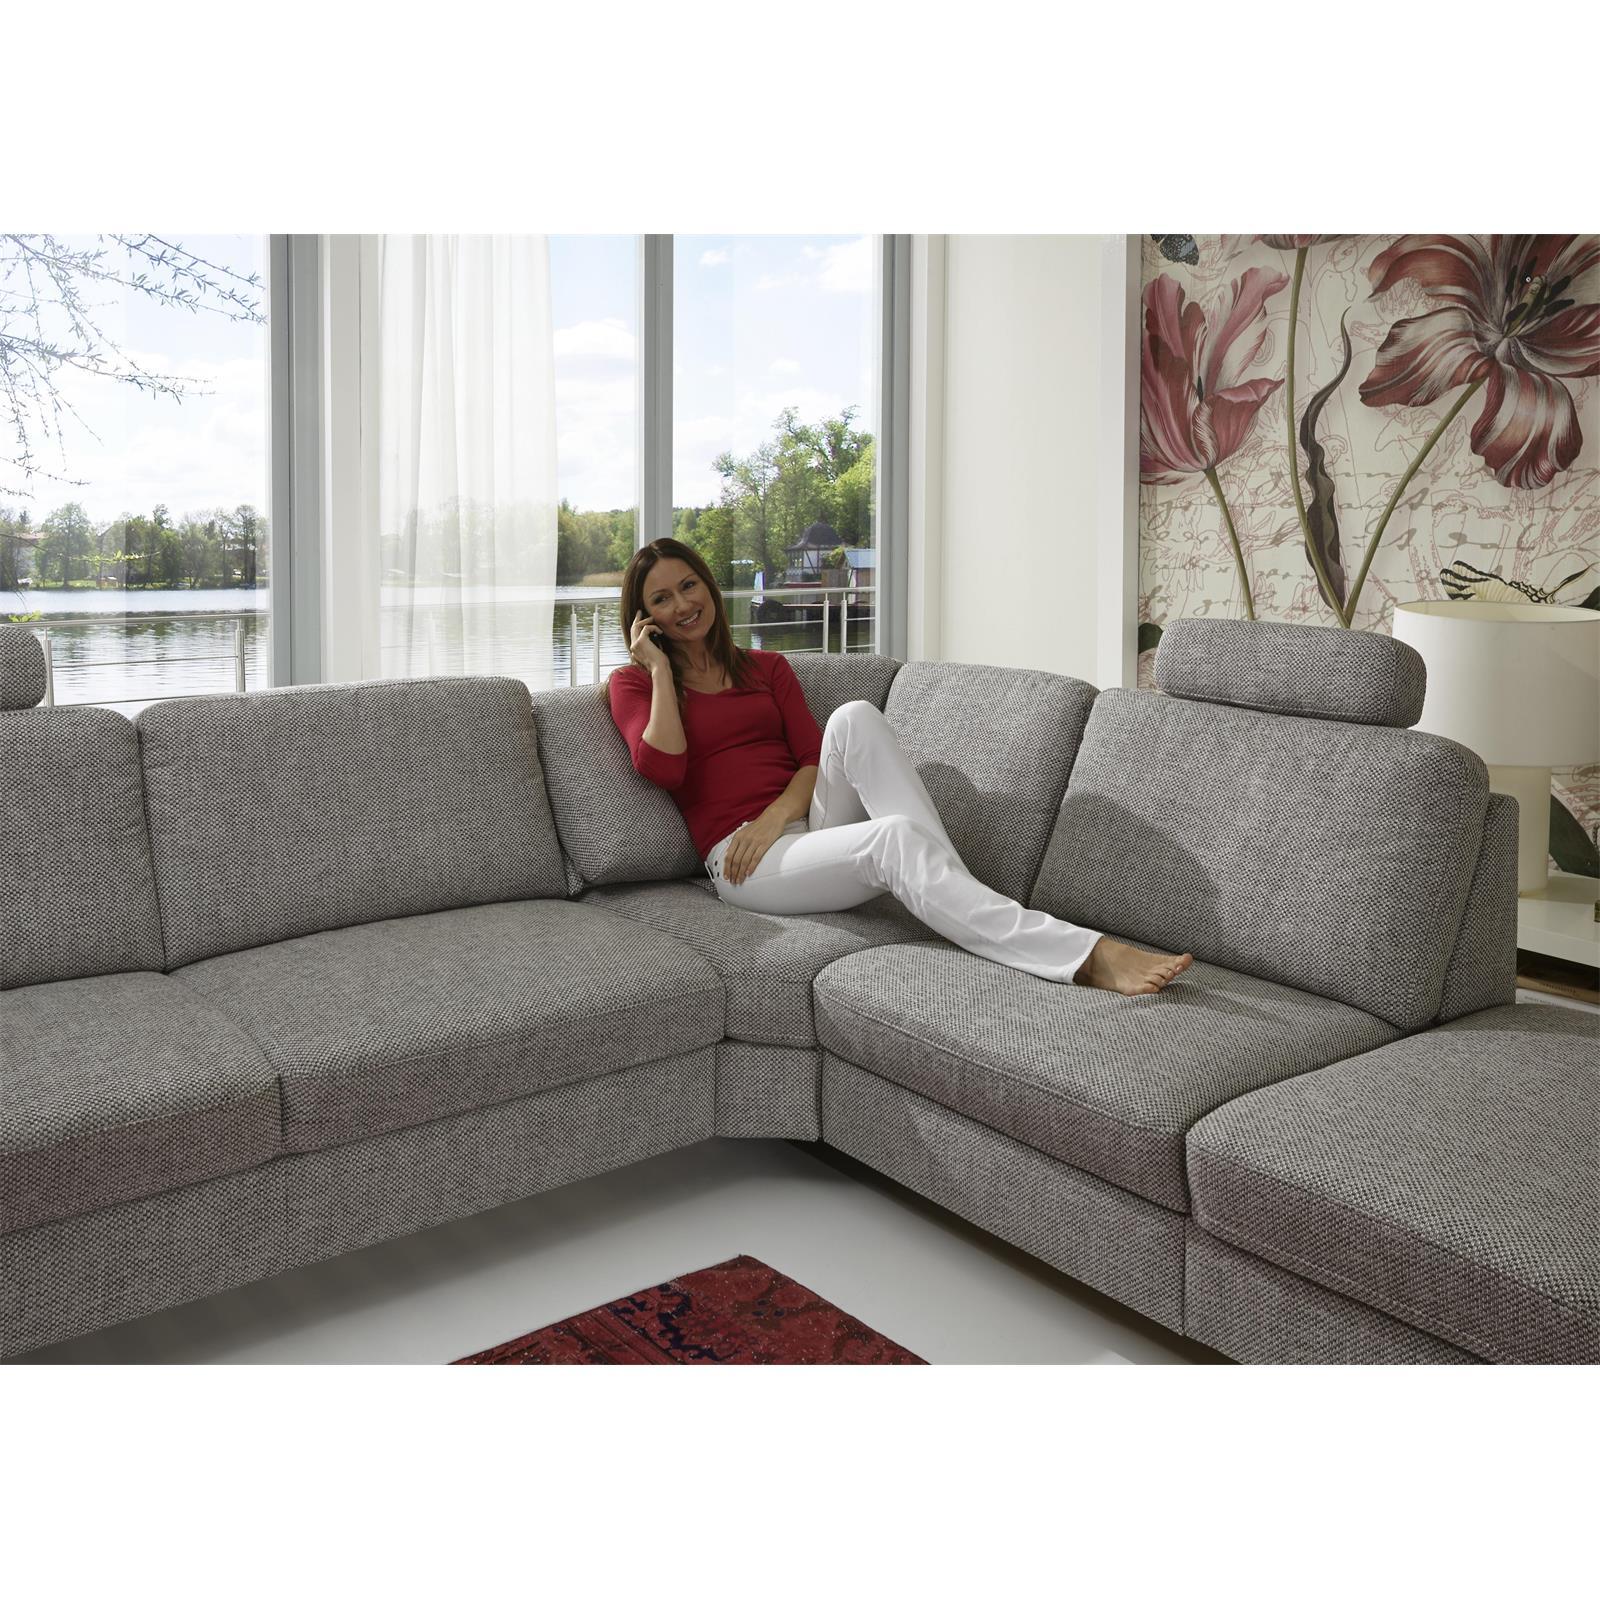 ecksofas mit schlaffunktion ecksofa mit schlaffunktion. Black Bedroom Furniture Sets. Home Design Ideas